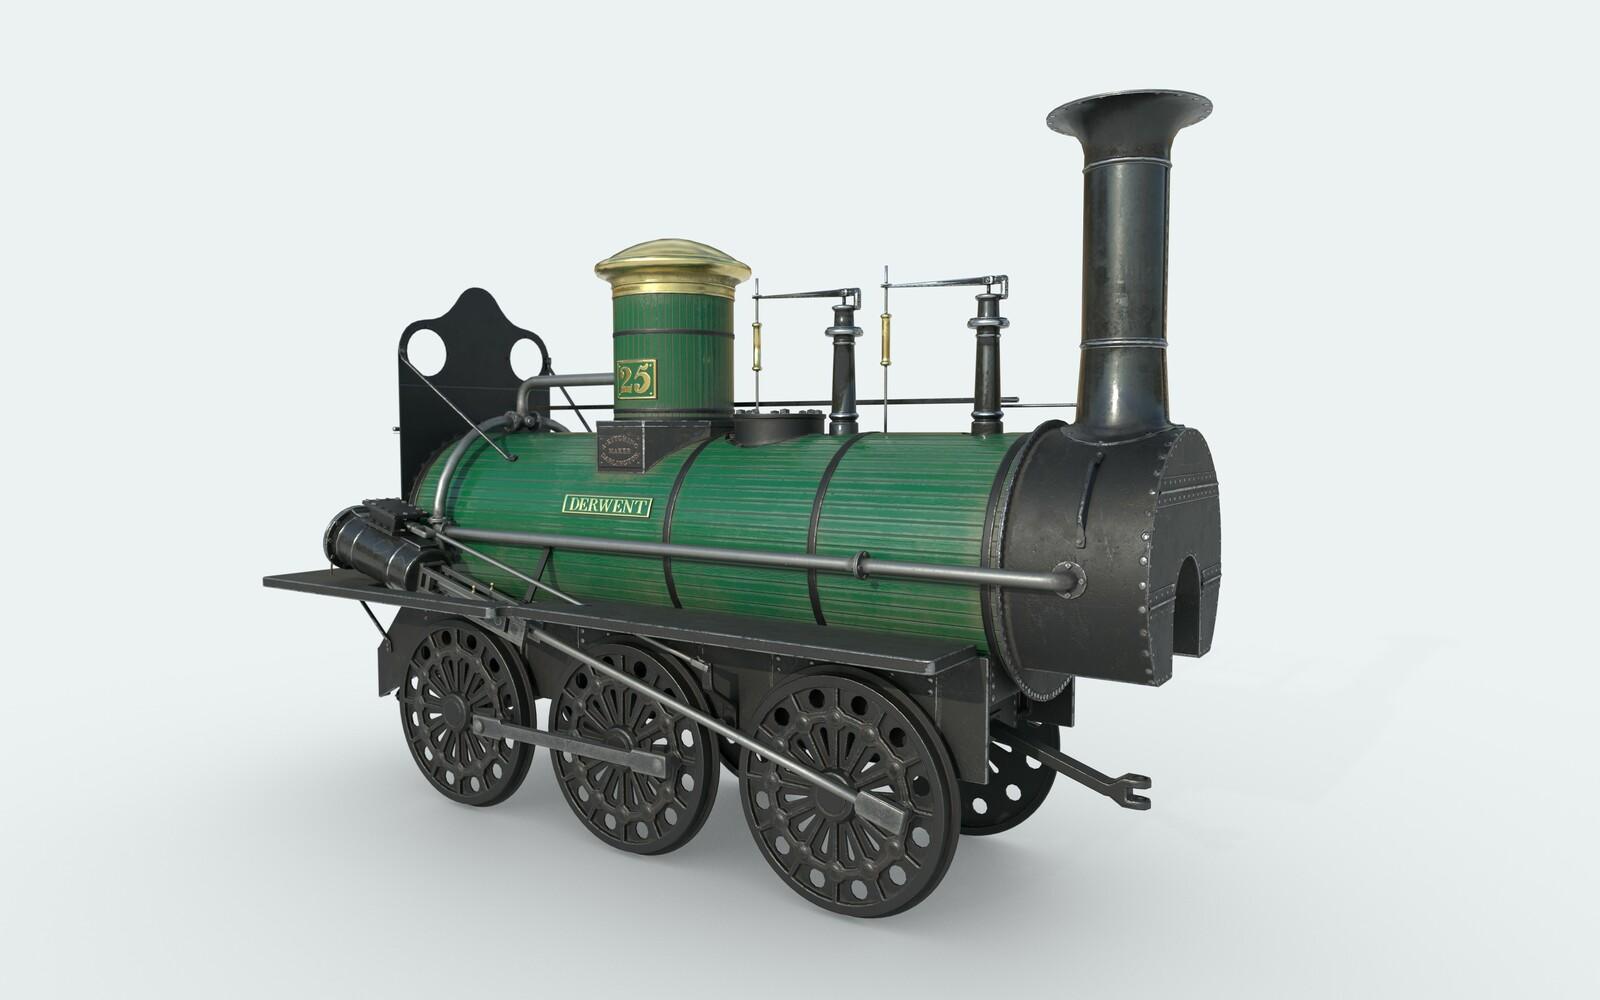 Derwent (historical train)